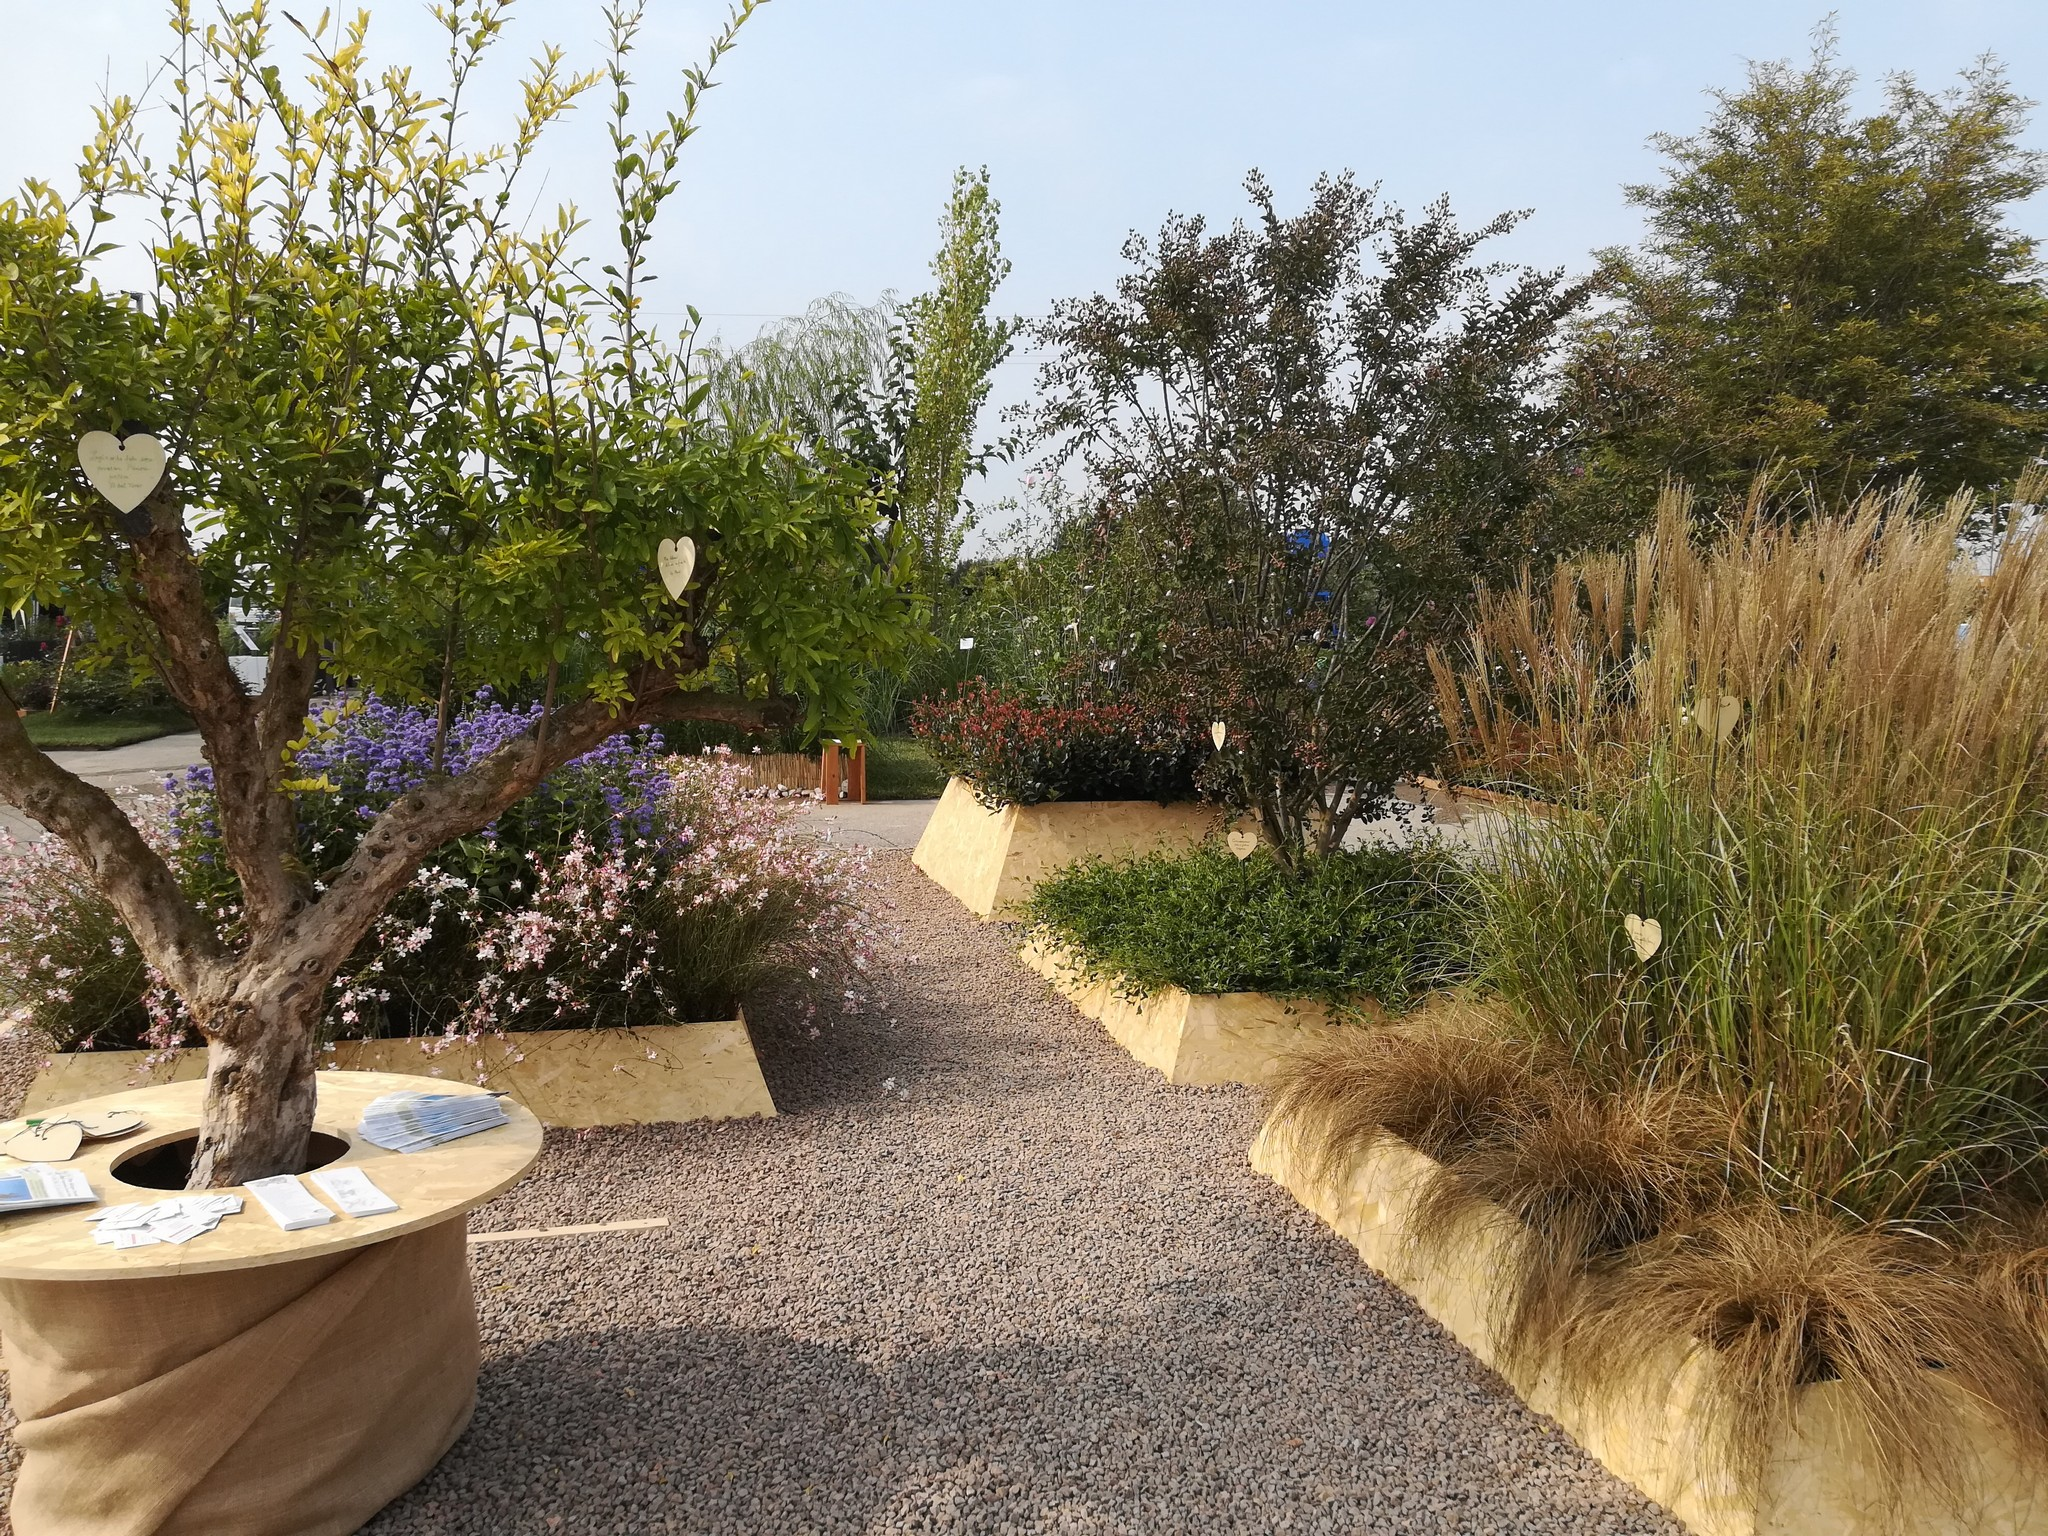 Concorso-giardini-Verdeggiando_37 Ode-al-giorno-felice-ON78V-Ida-Lia-Russo